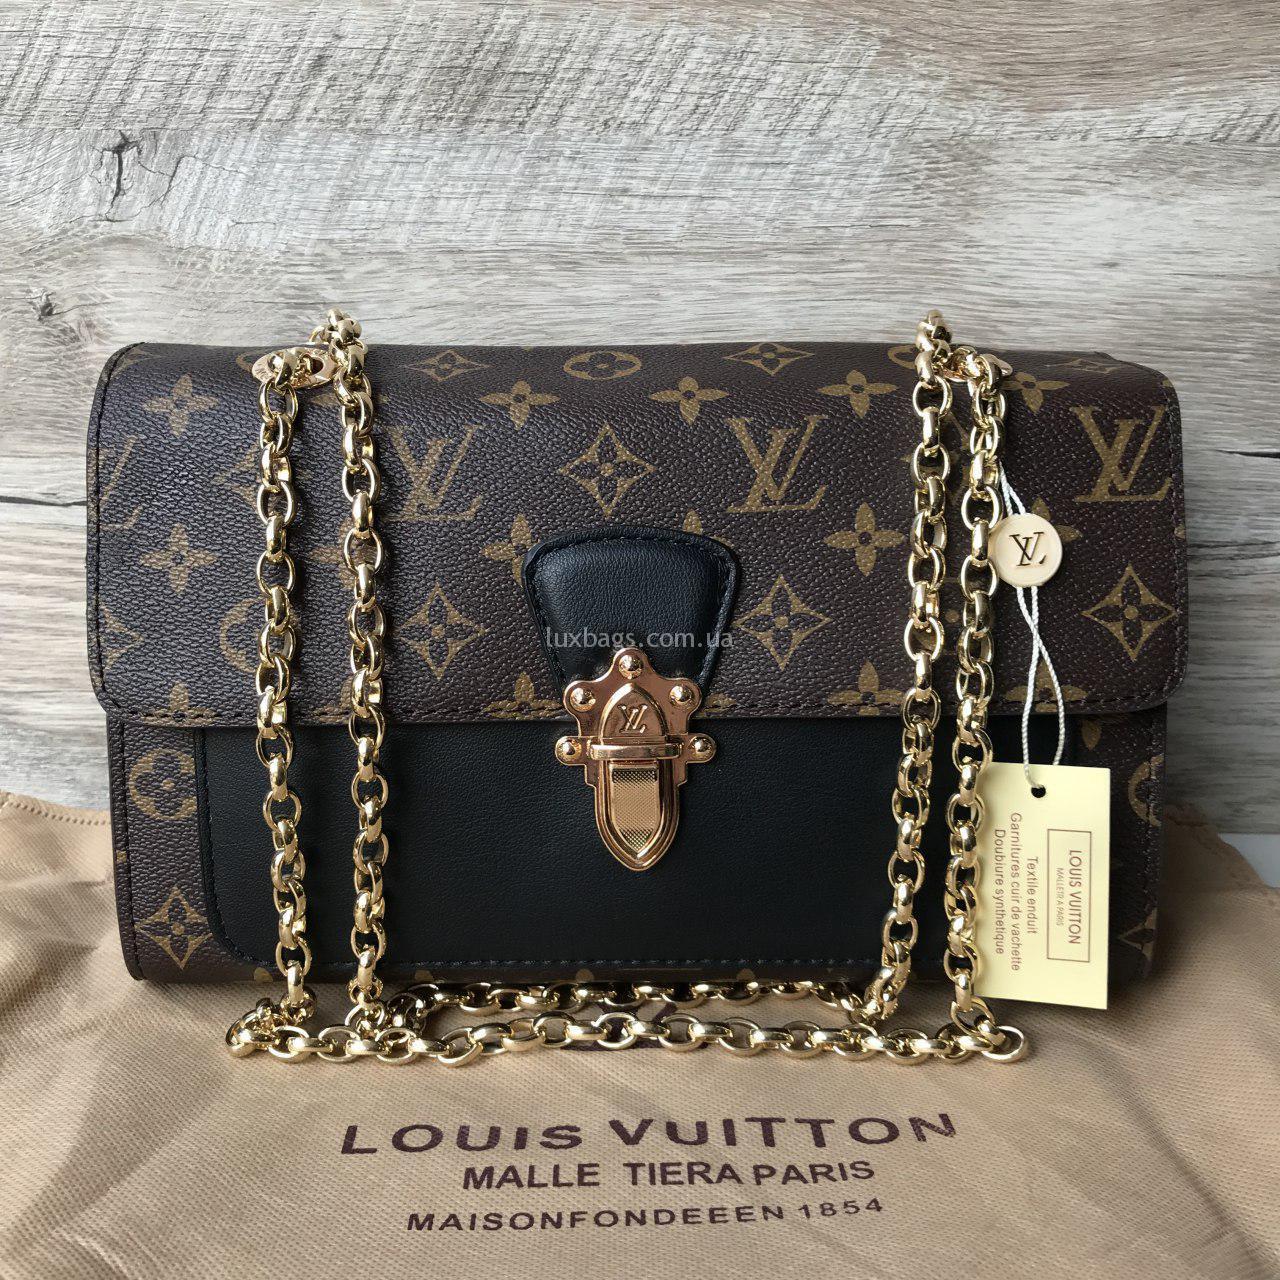 fd435f761f2a сумка Louis Vuitton Луи Виттон фото · Женская сумка Louis Vuitton Луи  Виттон клатч